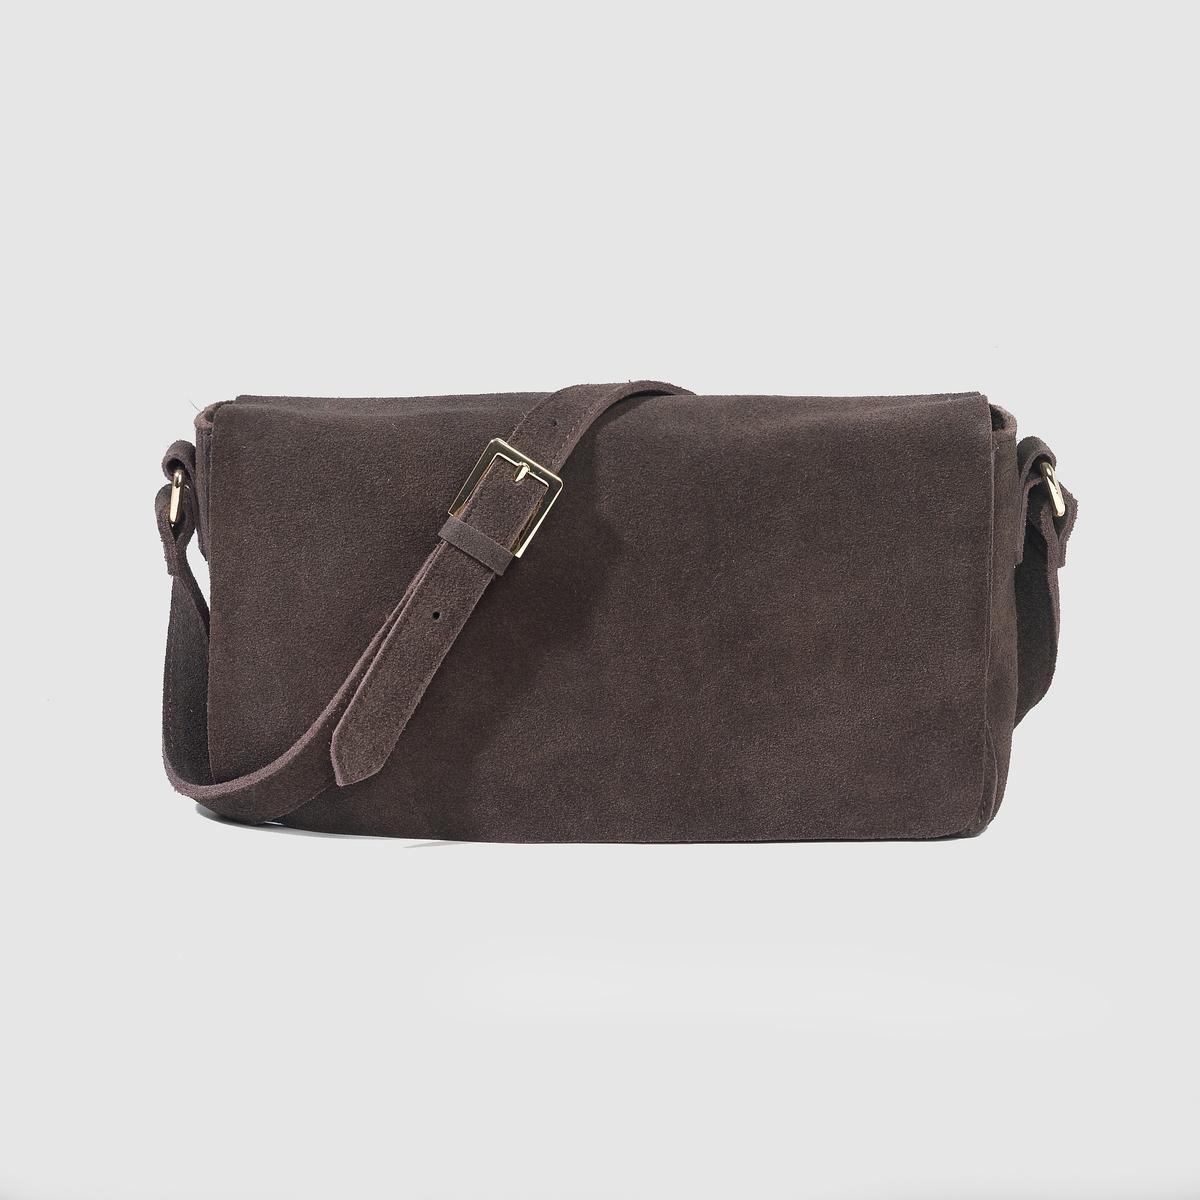 Сумка кожанаяПреимущества : эта сумка очень быстро займёт достойное место в вашем гардеробе и жизни, сопровождая вас на плече.<br><br>Цвет: каштановый<br>Размер: единый размер